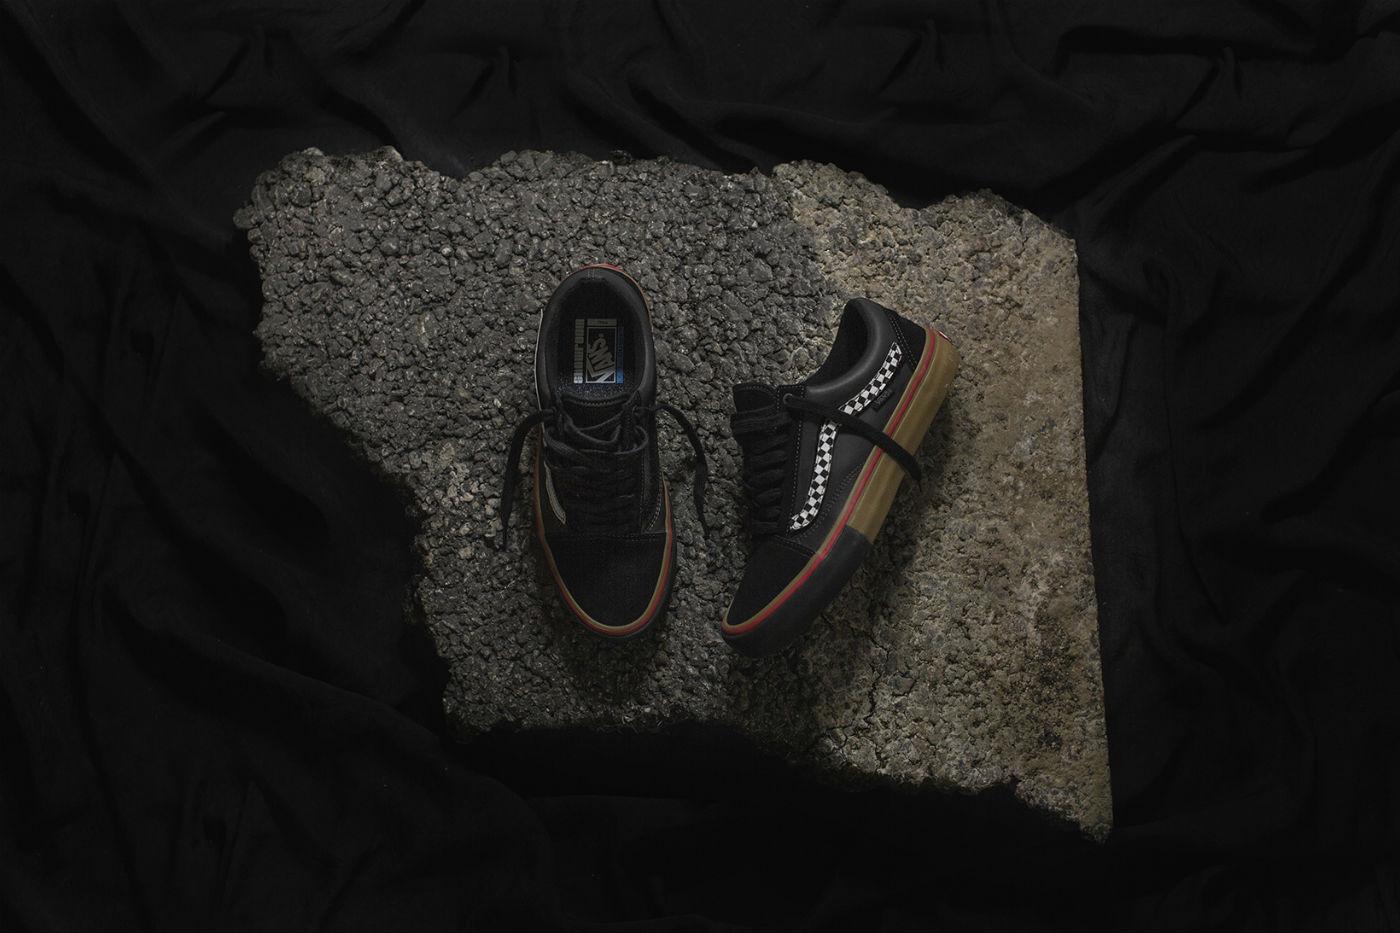 The SHOWROOM x Vans 2130 Collection